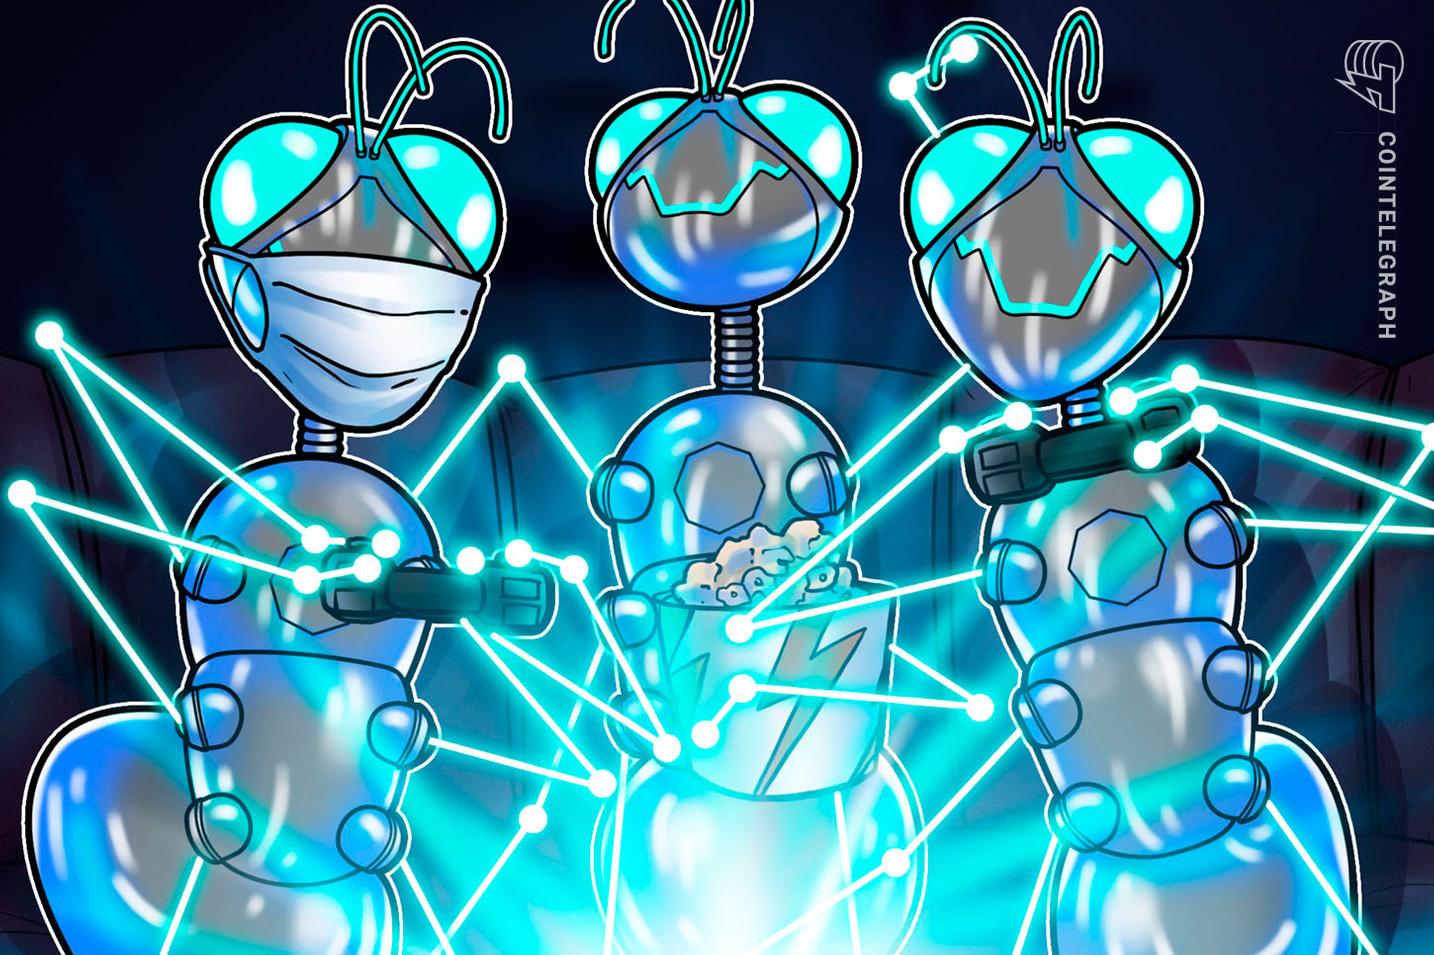 Avaliação de jogo: Axie Infinity é um novo paradigma de jogos com blockchain e tokens